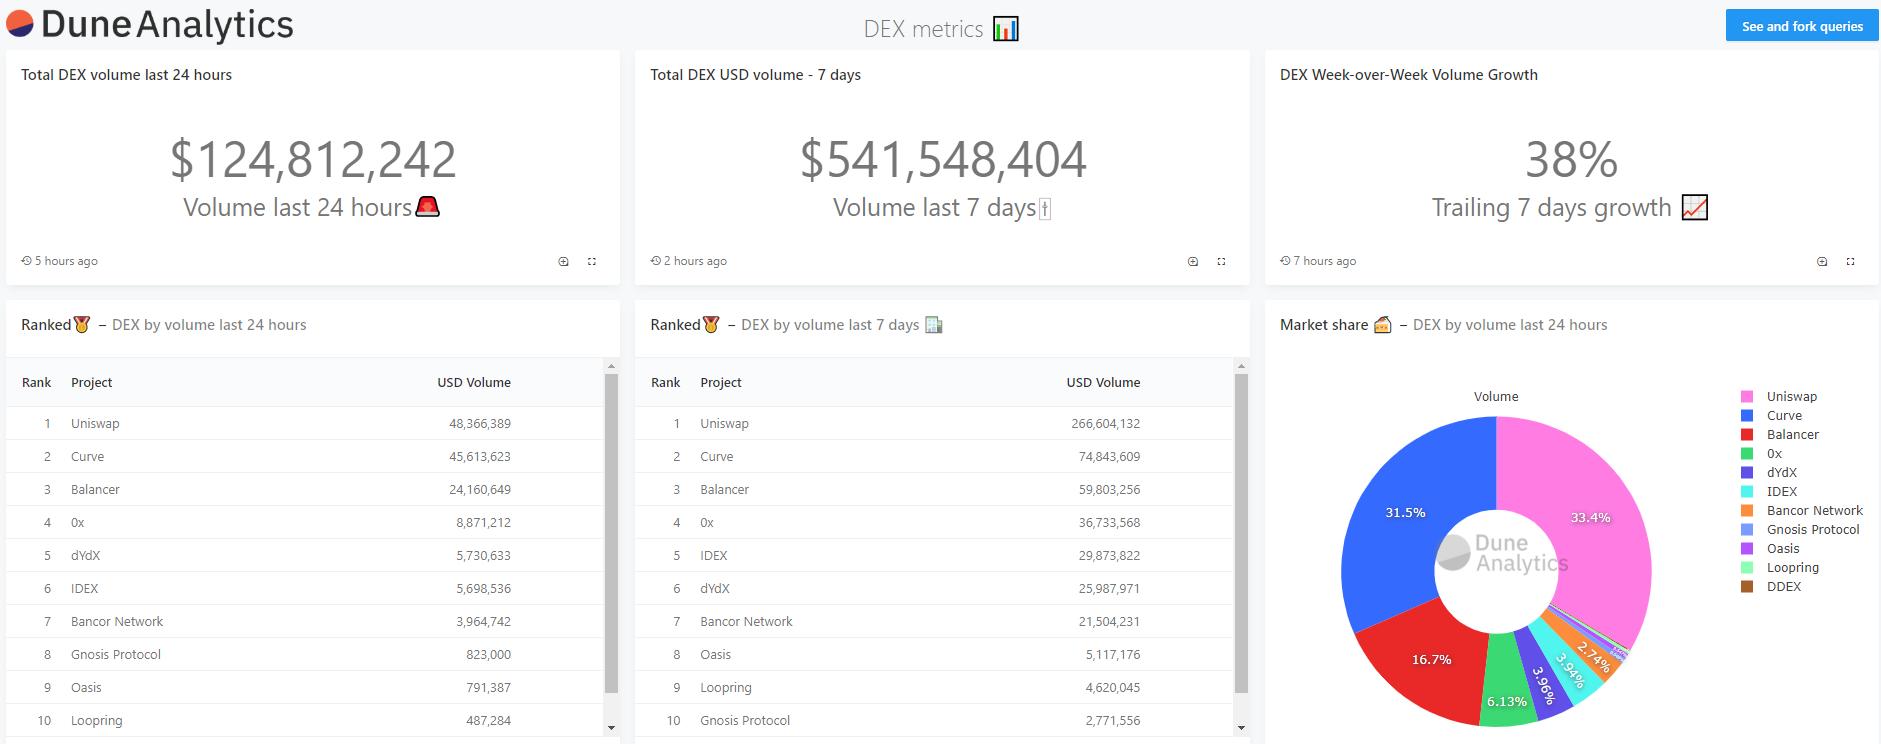 Увеличивается и активность на децентрализованных биржах, где также главенствует Ethereum. Согласно отчету Dune Analytics, за последнюю неделю объем торгов в DEX-сфере вырос на 38%. Среди некастодиальных торговых площадок выделяются биржи Uniswap и Curve, активность на которых растет.